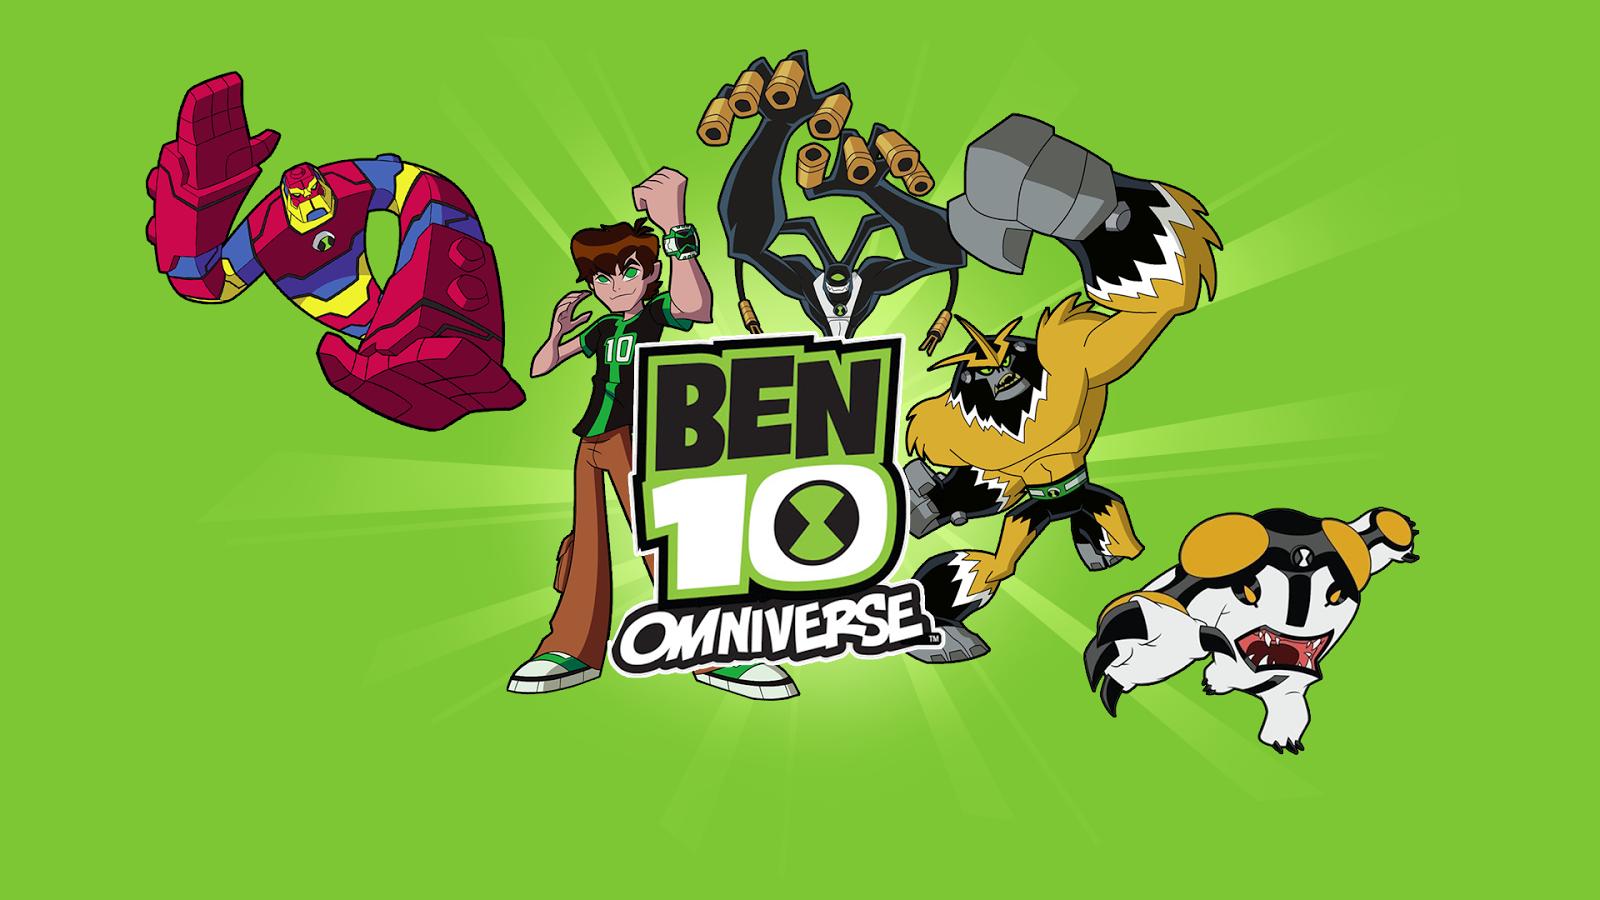 Ver Ben 10: Omniverse Online